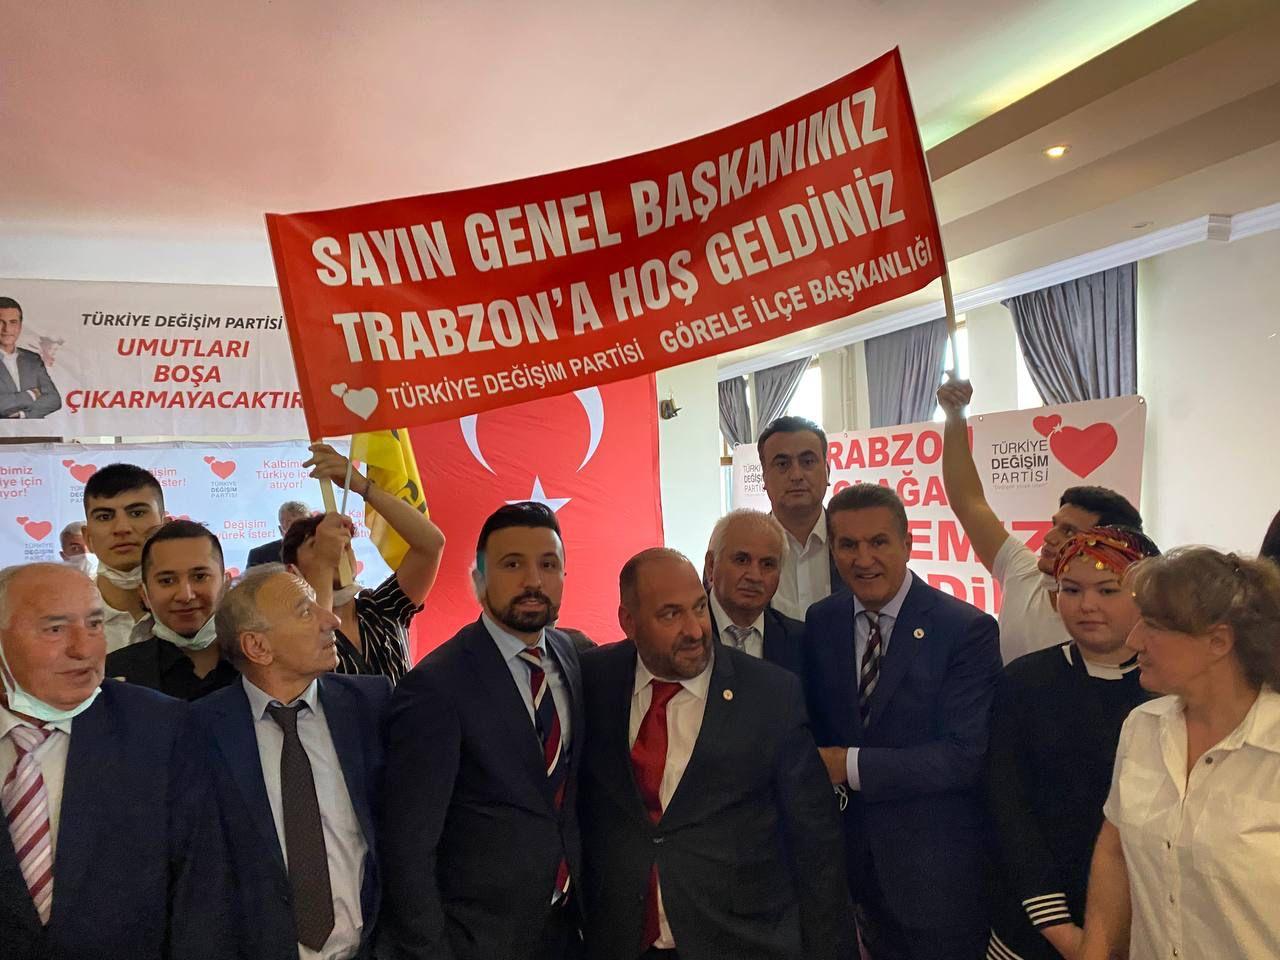 Volkan Aslanbaş: Trabzon Sadece Karedenizin Değil Vatan ve Bayrak Sevgisinin Başkentidir